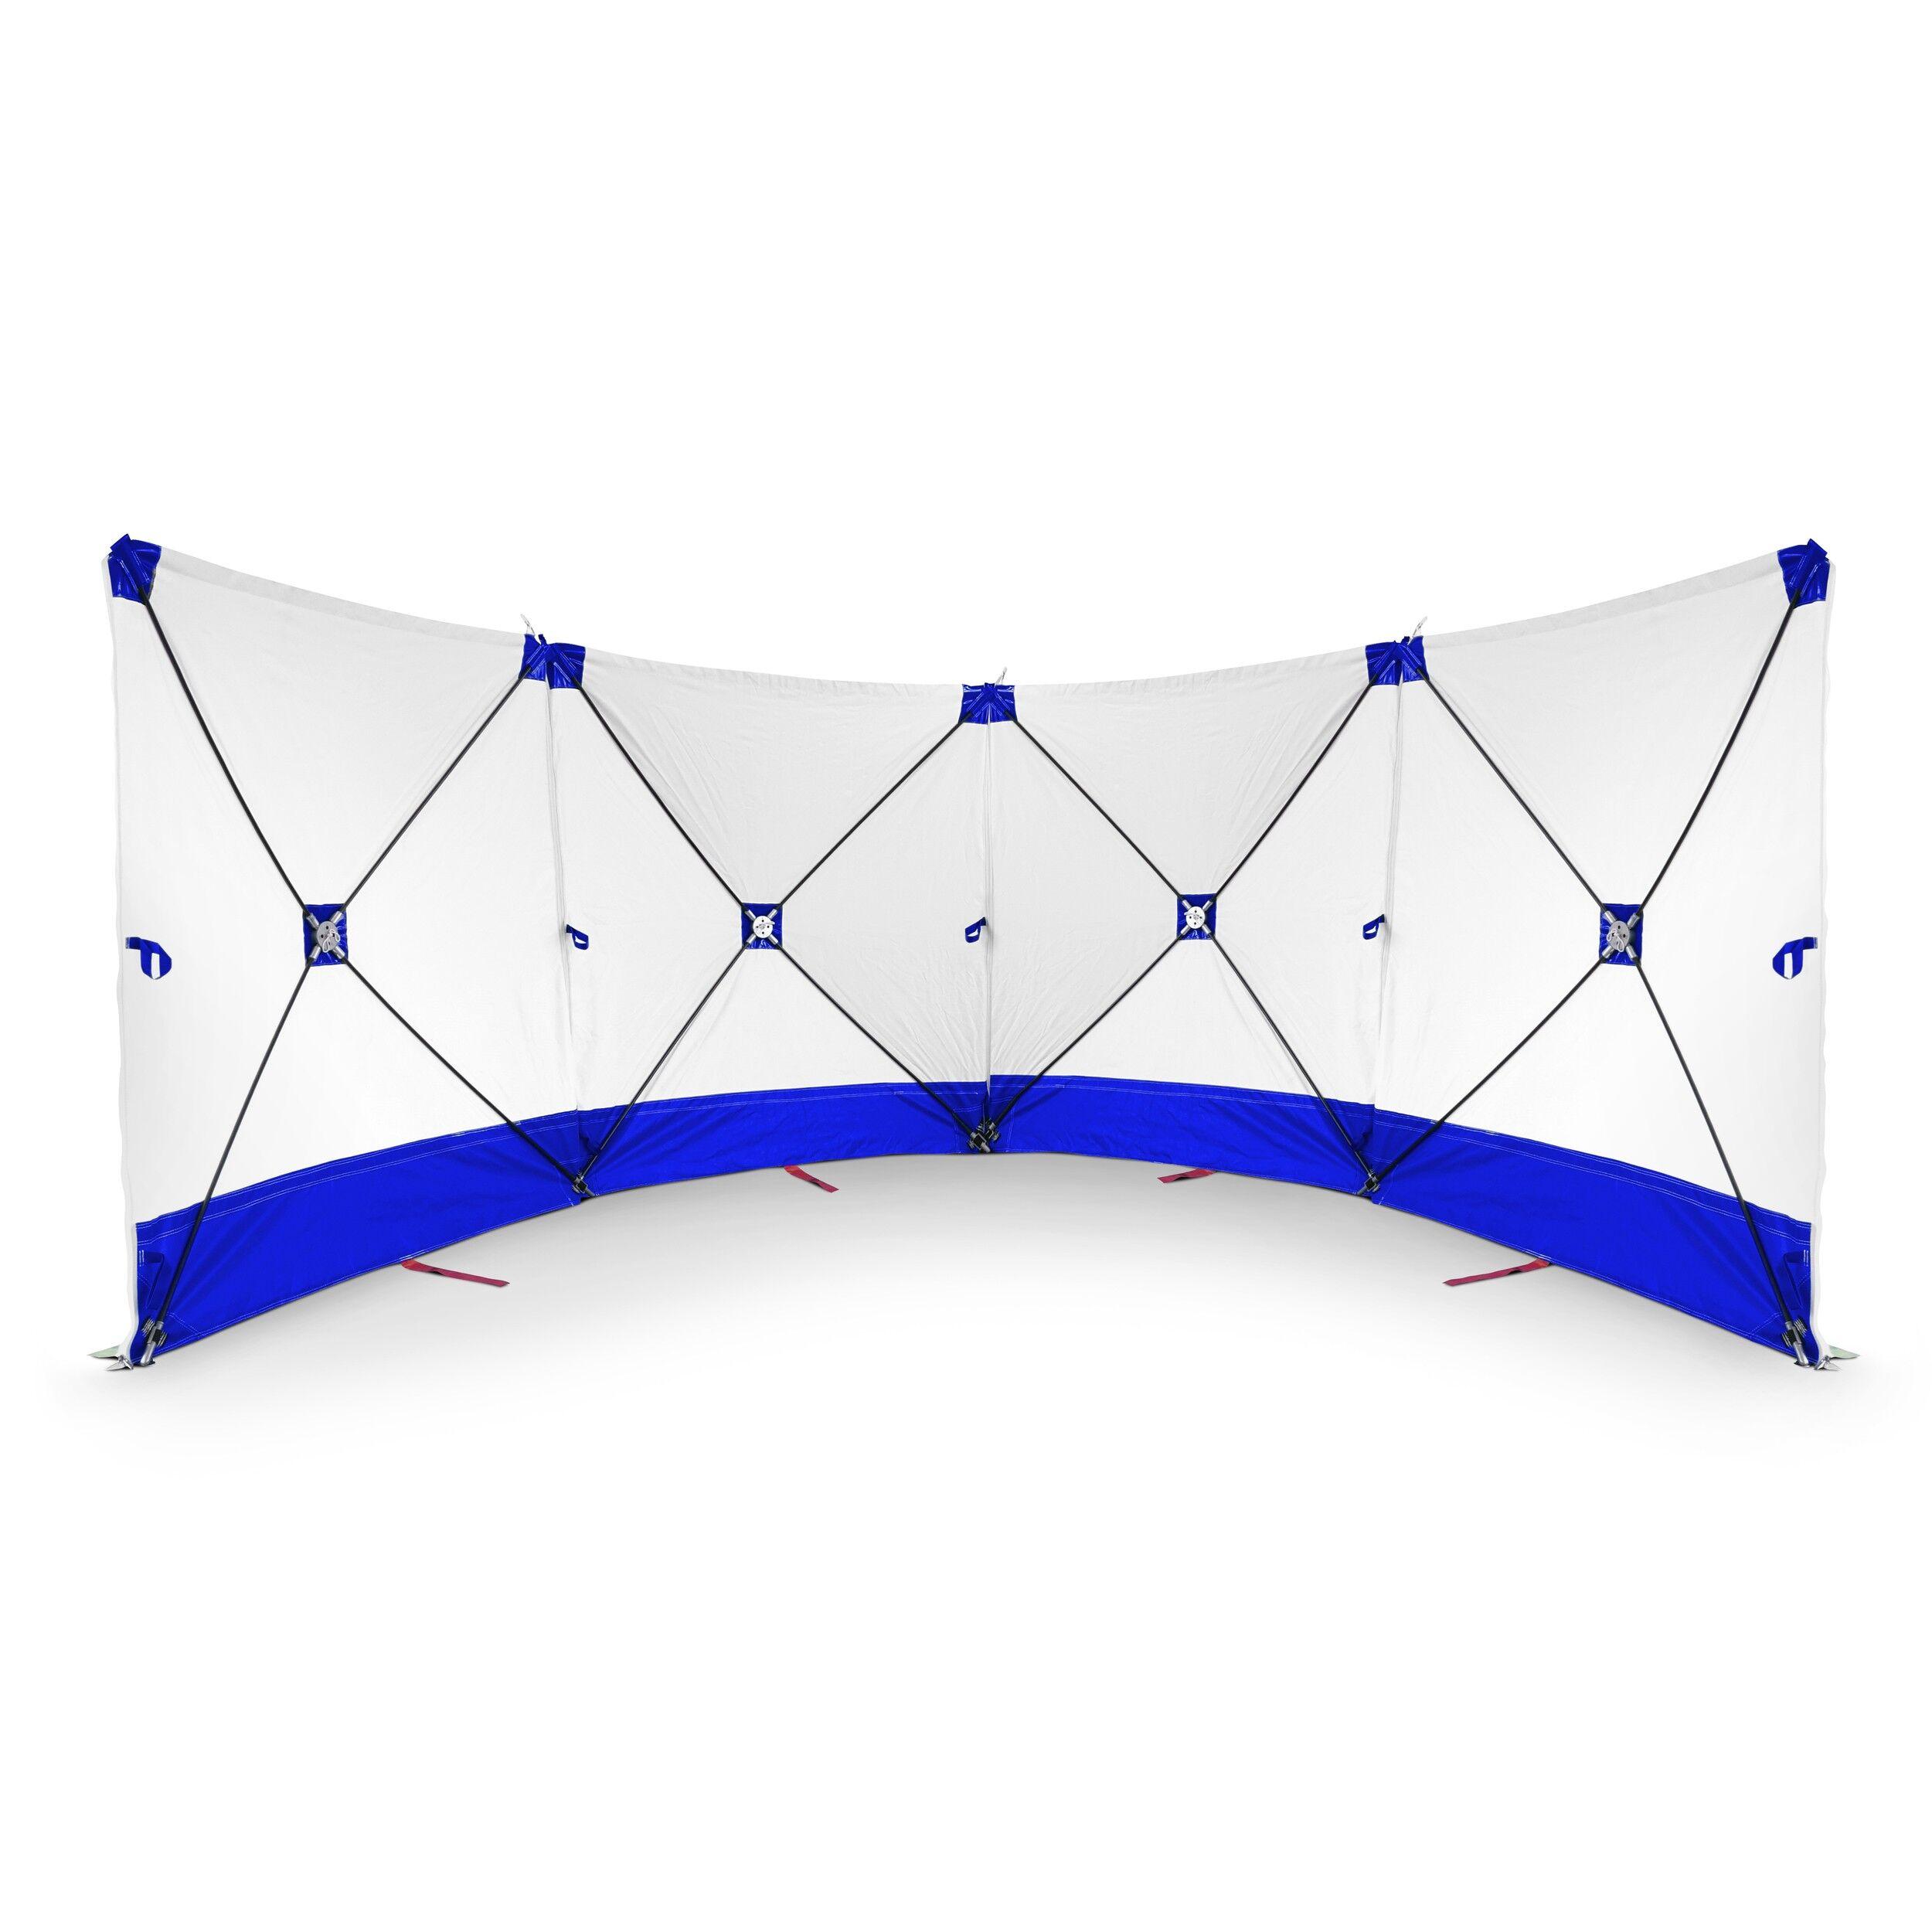 Trotec Schermo protettivo mobile 4*180*180 bianco e blu